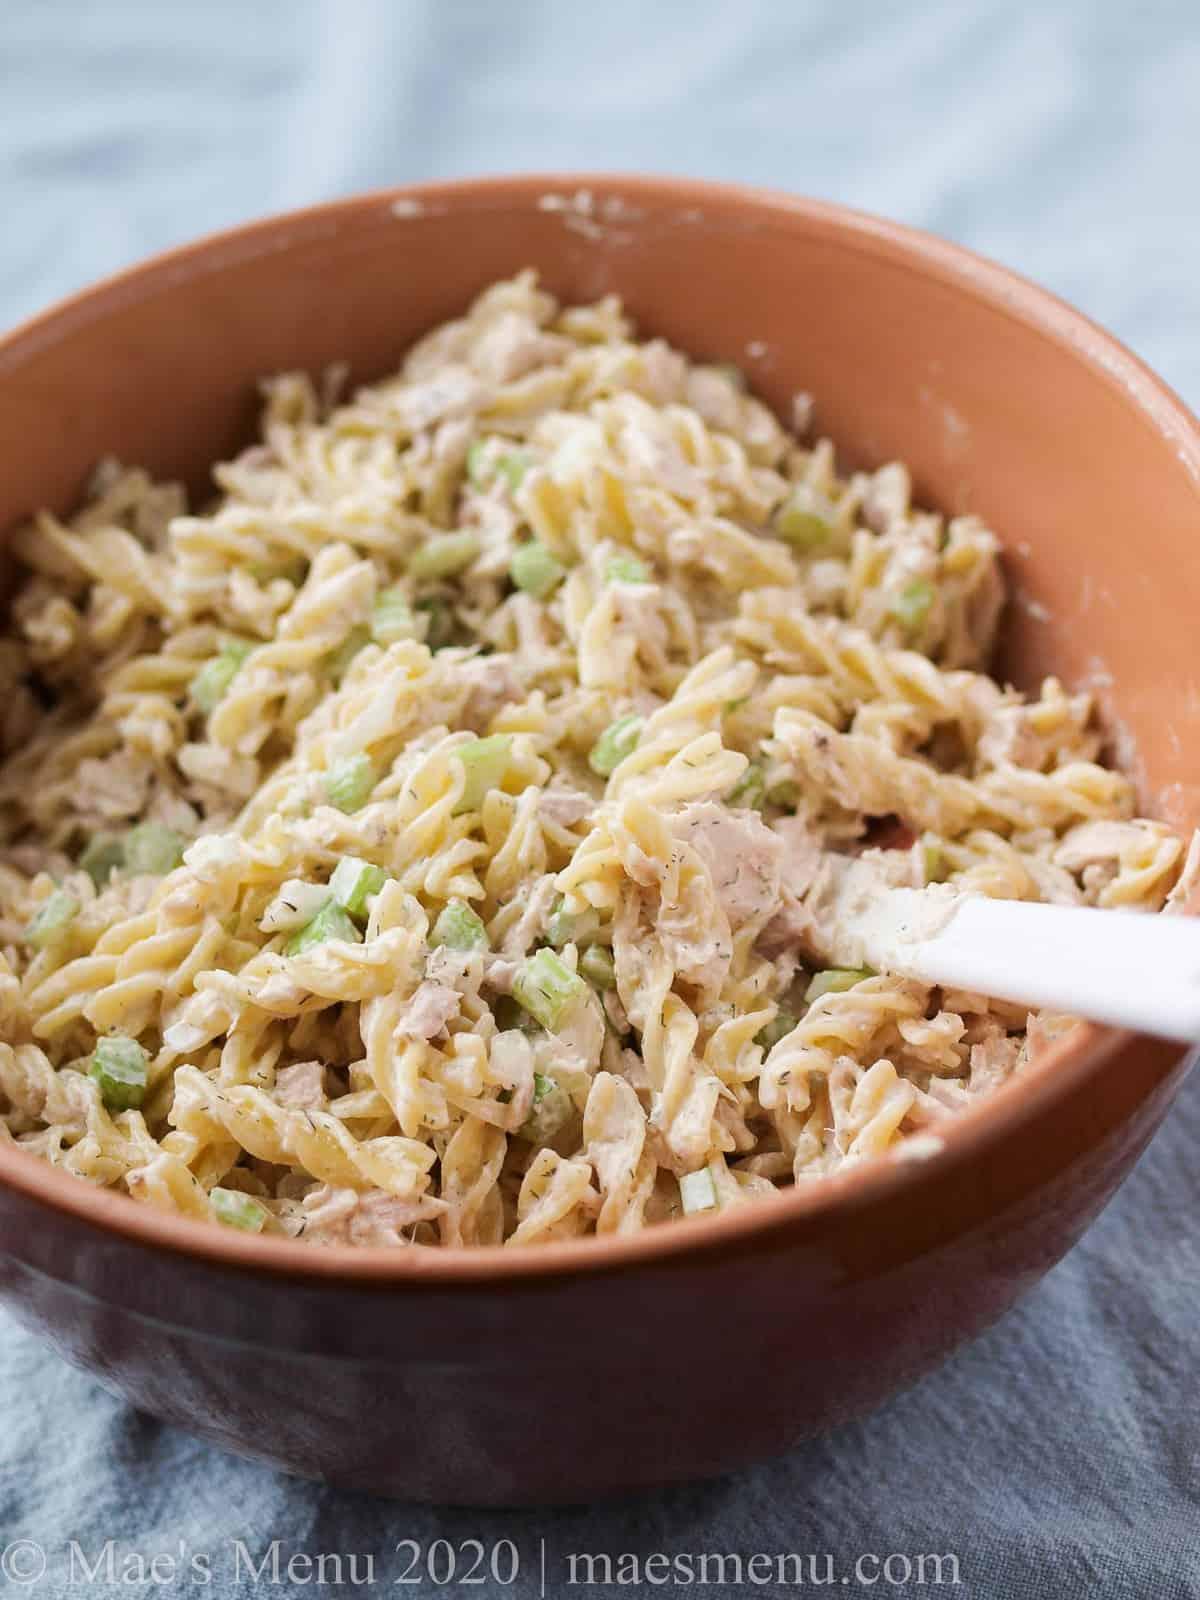 A large mixing bowl full of tuna macaroni salad.